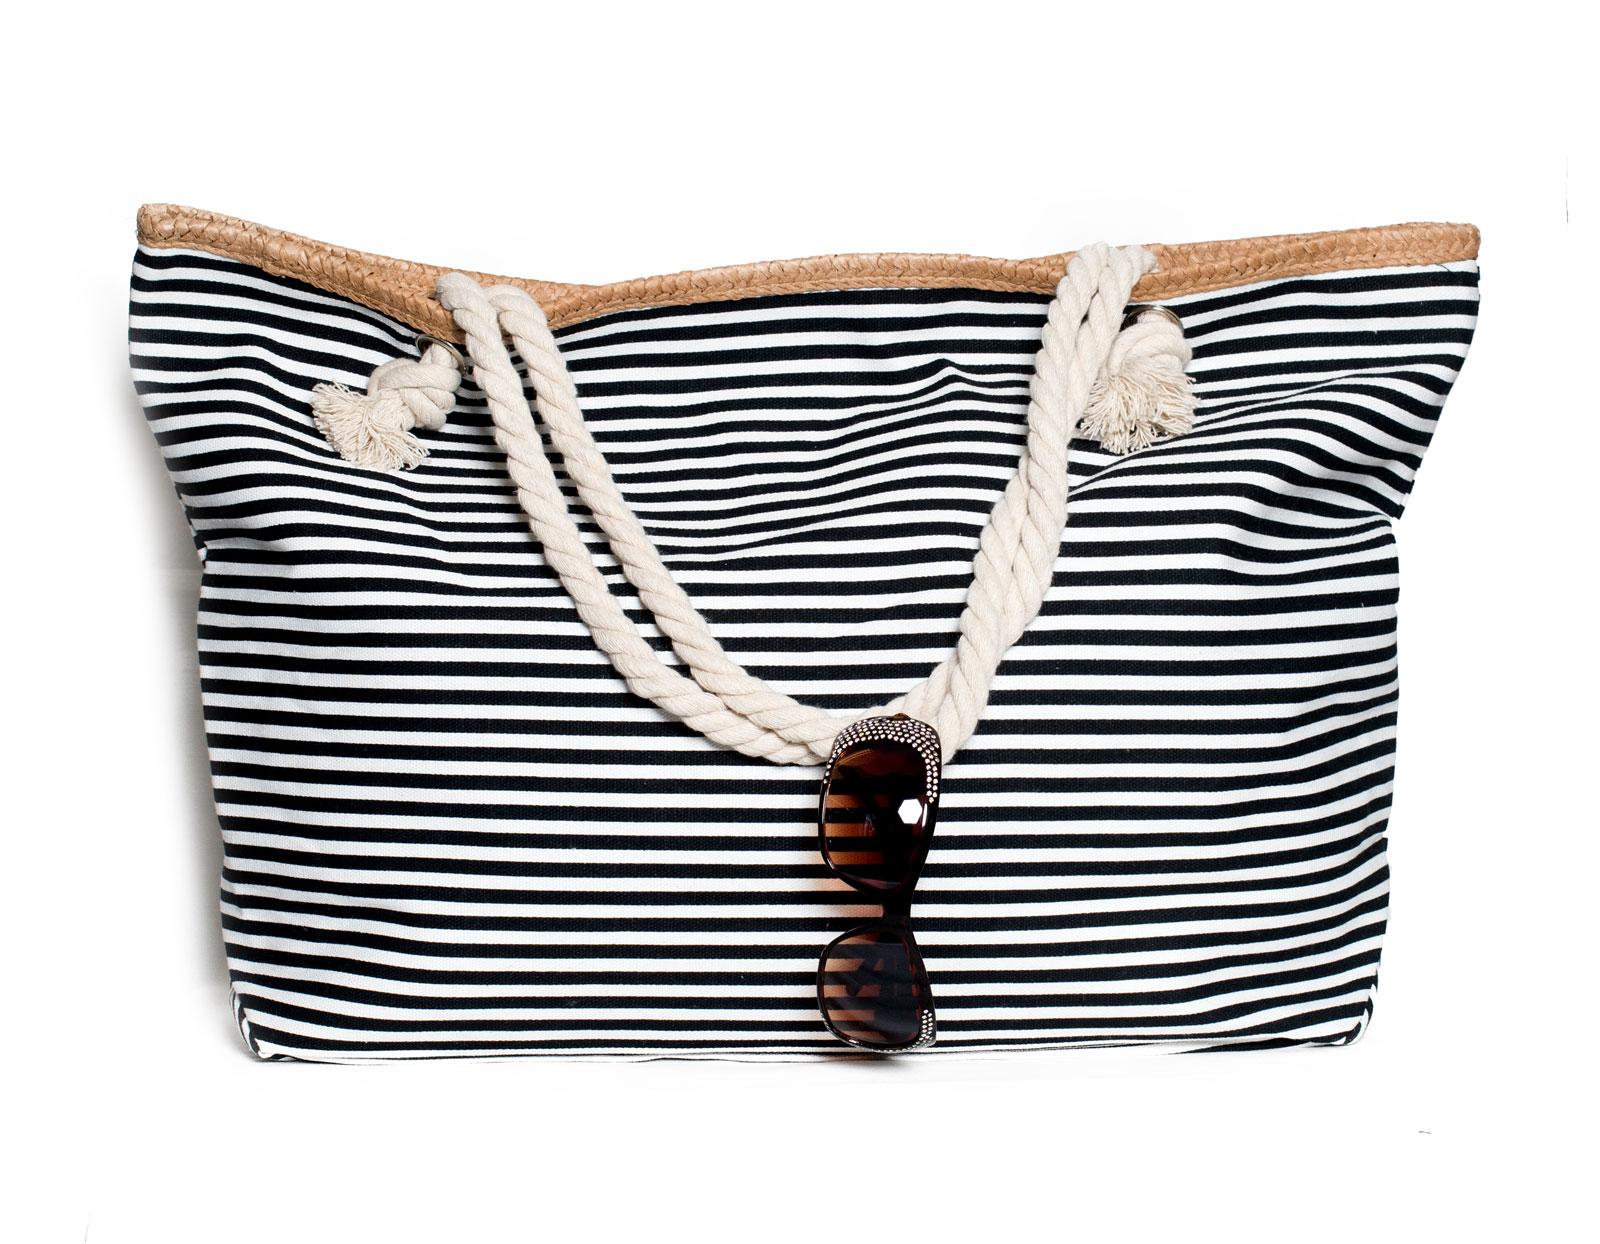 xxl damentasche strandtasche sommer tasche badetasche gestreift schwarz wei neu ebay. Black Bedroom Furniture Sets. Home Design Ideas